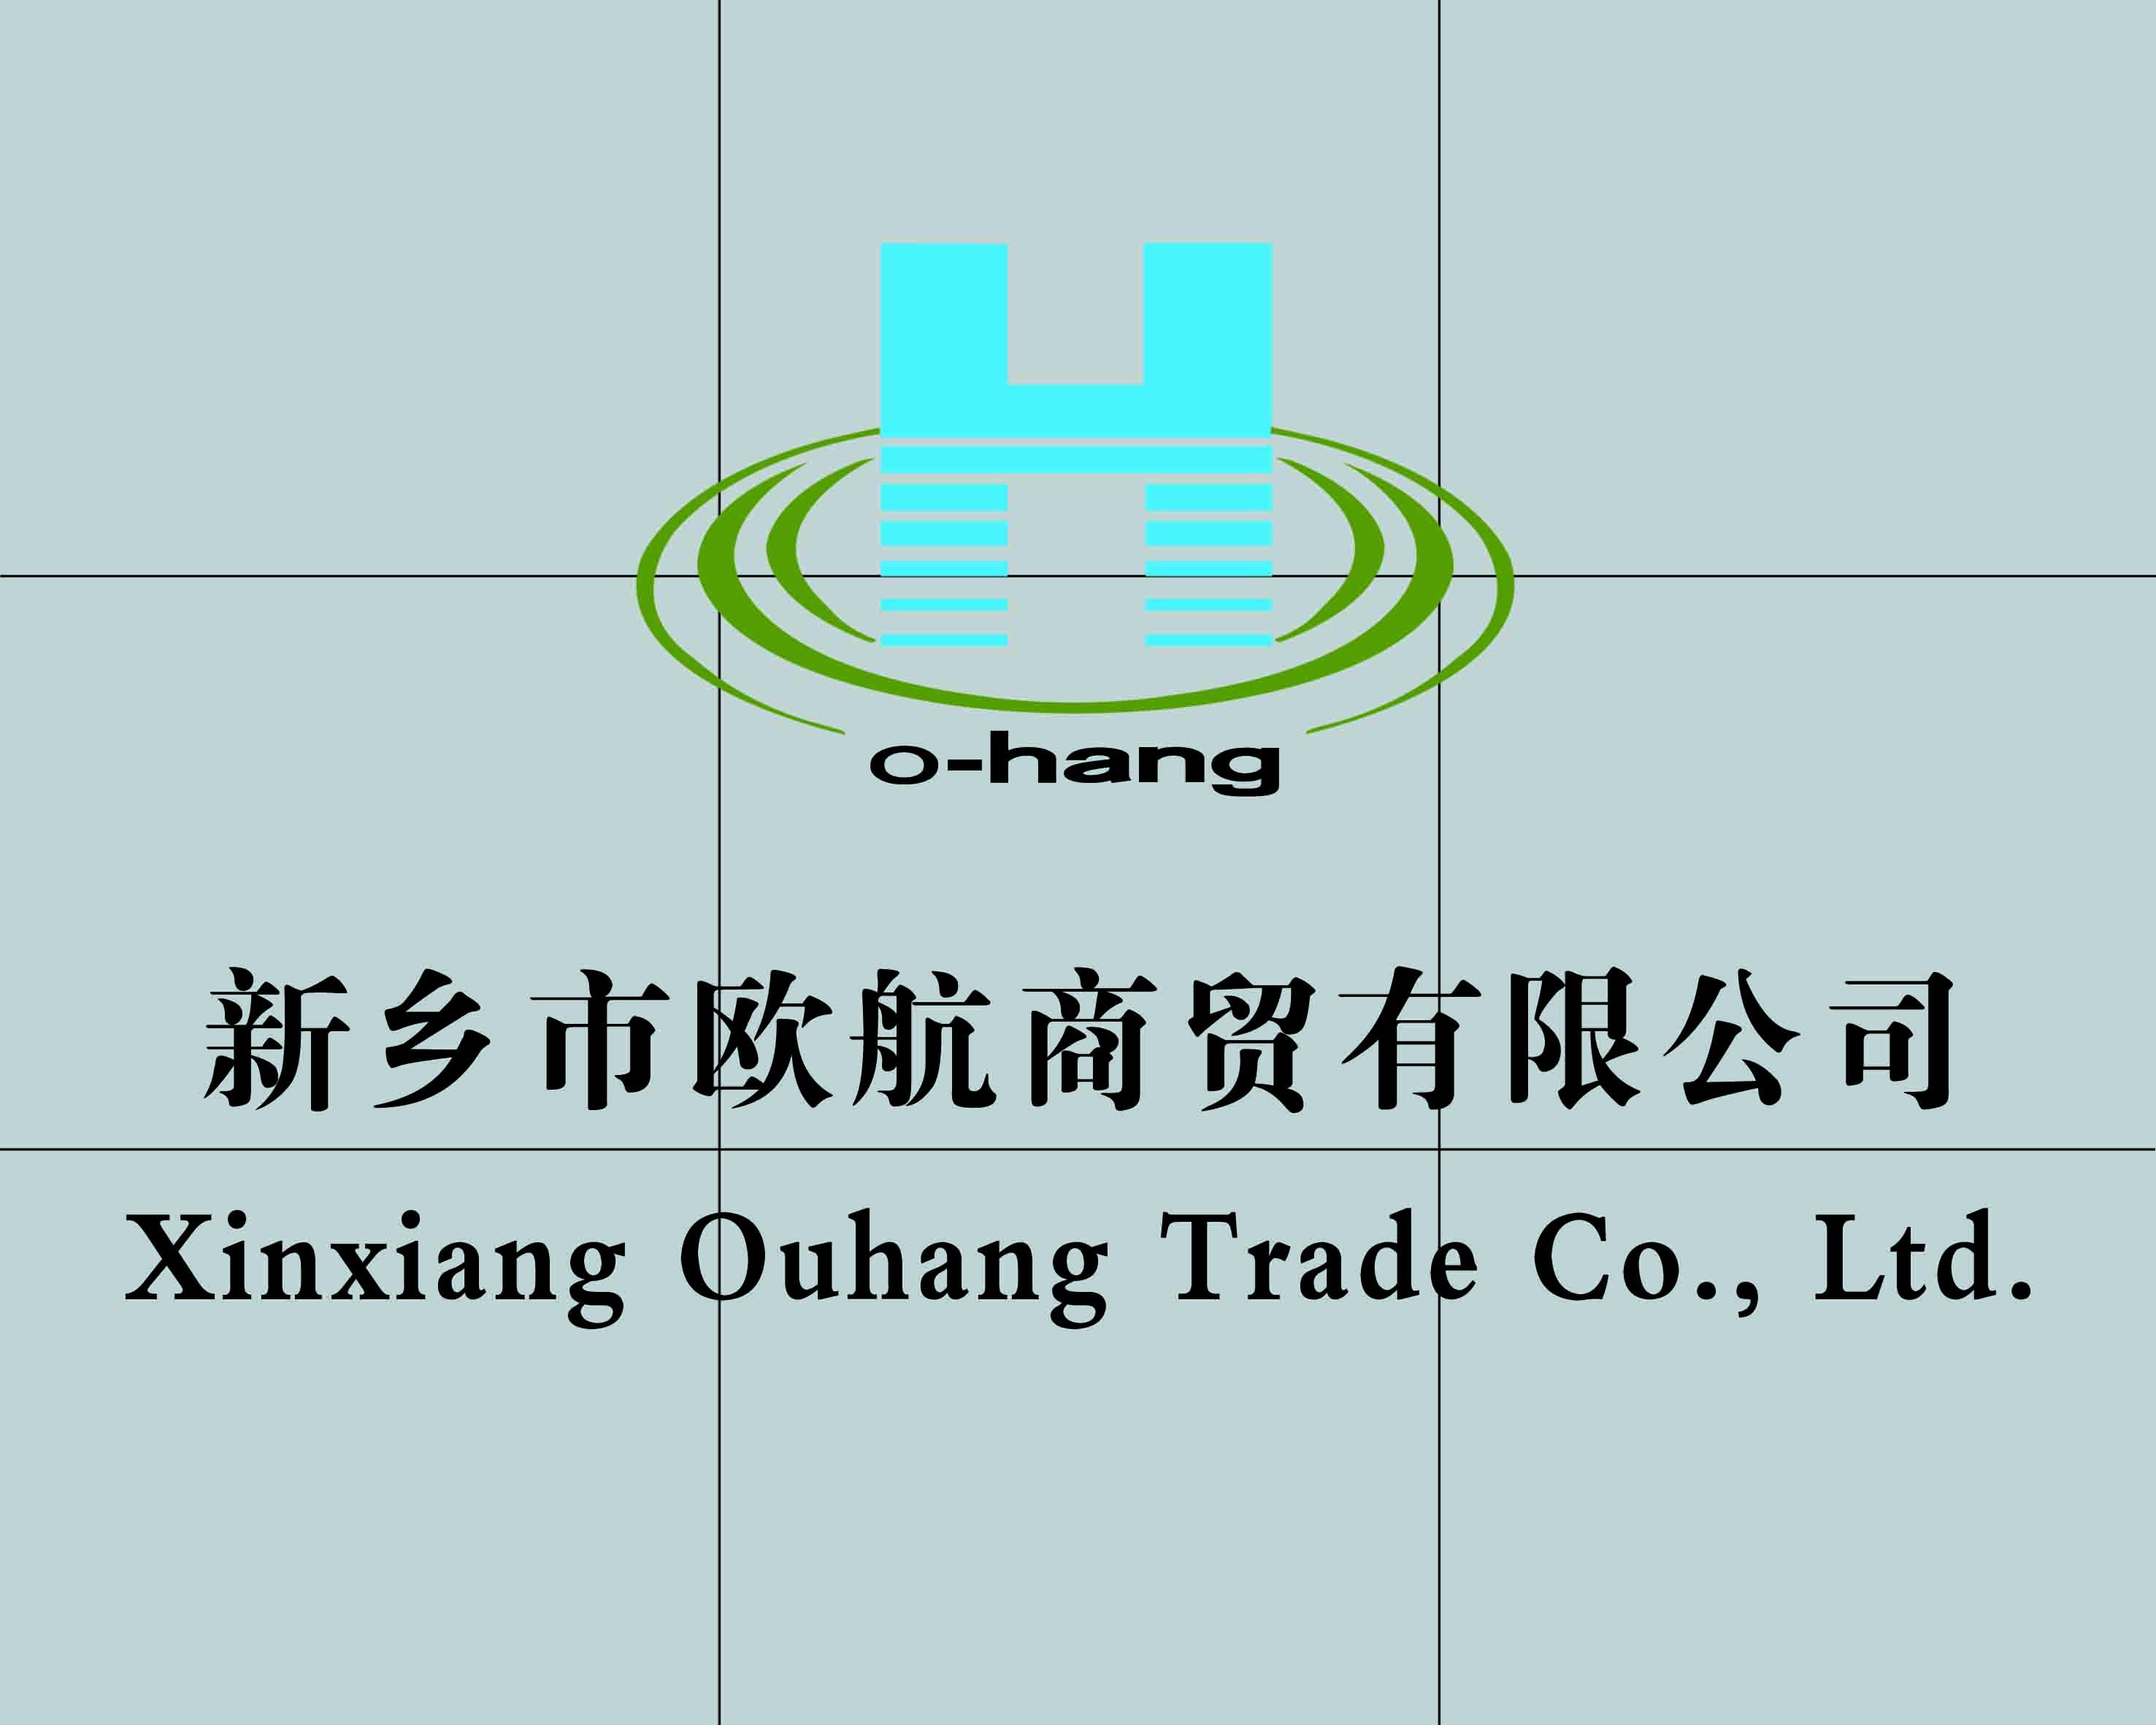 Xinxiang Ouhang Trade Co., Ltd. logo